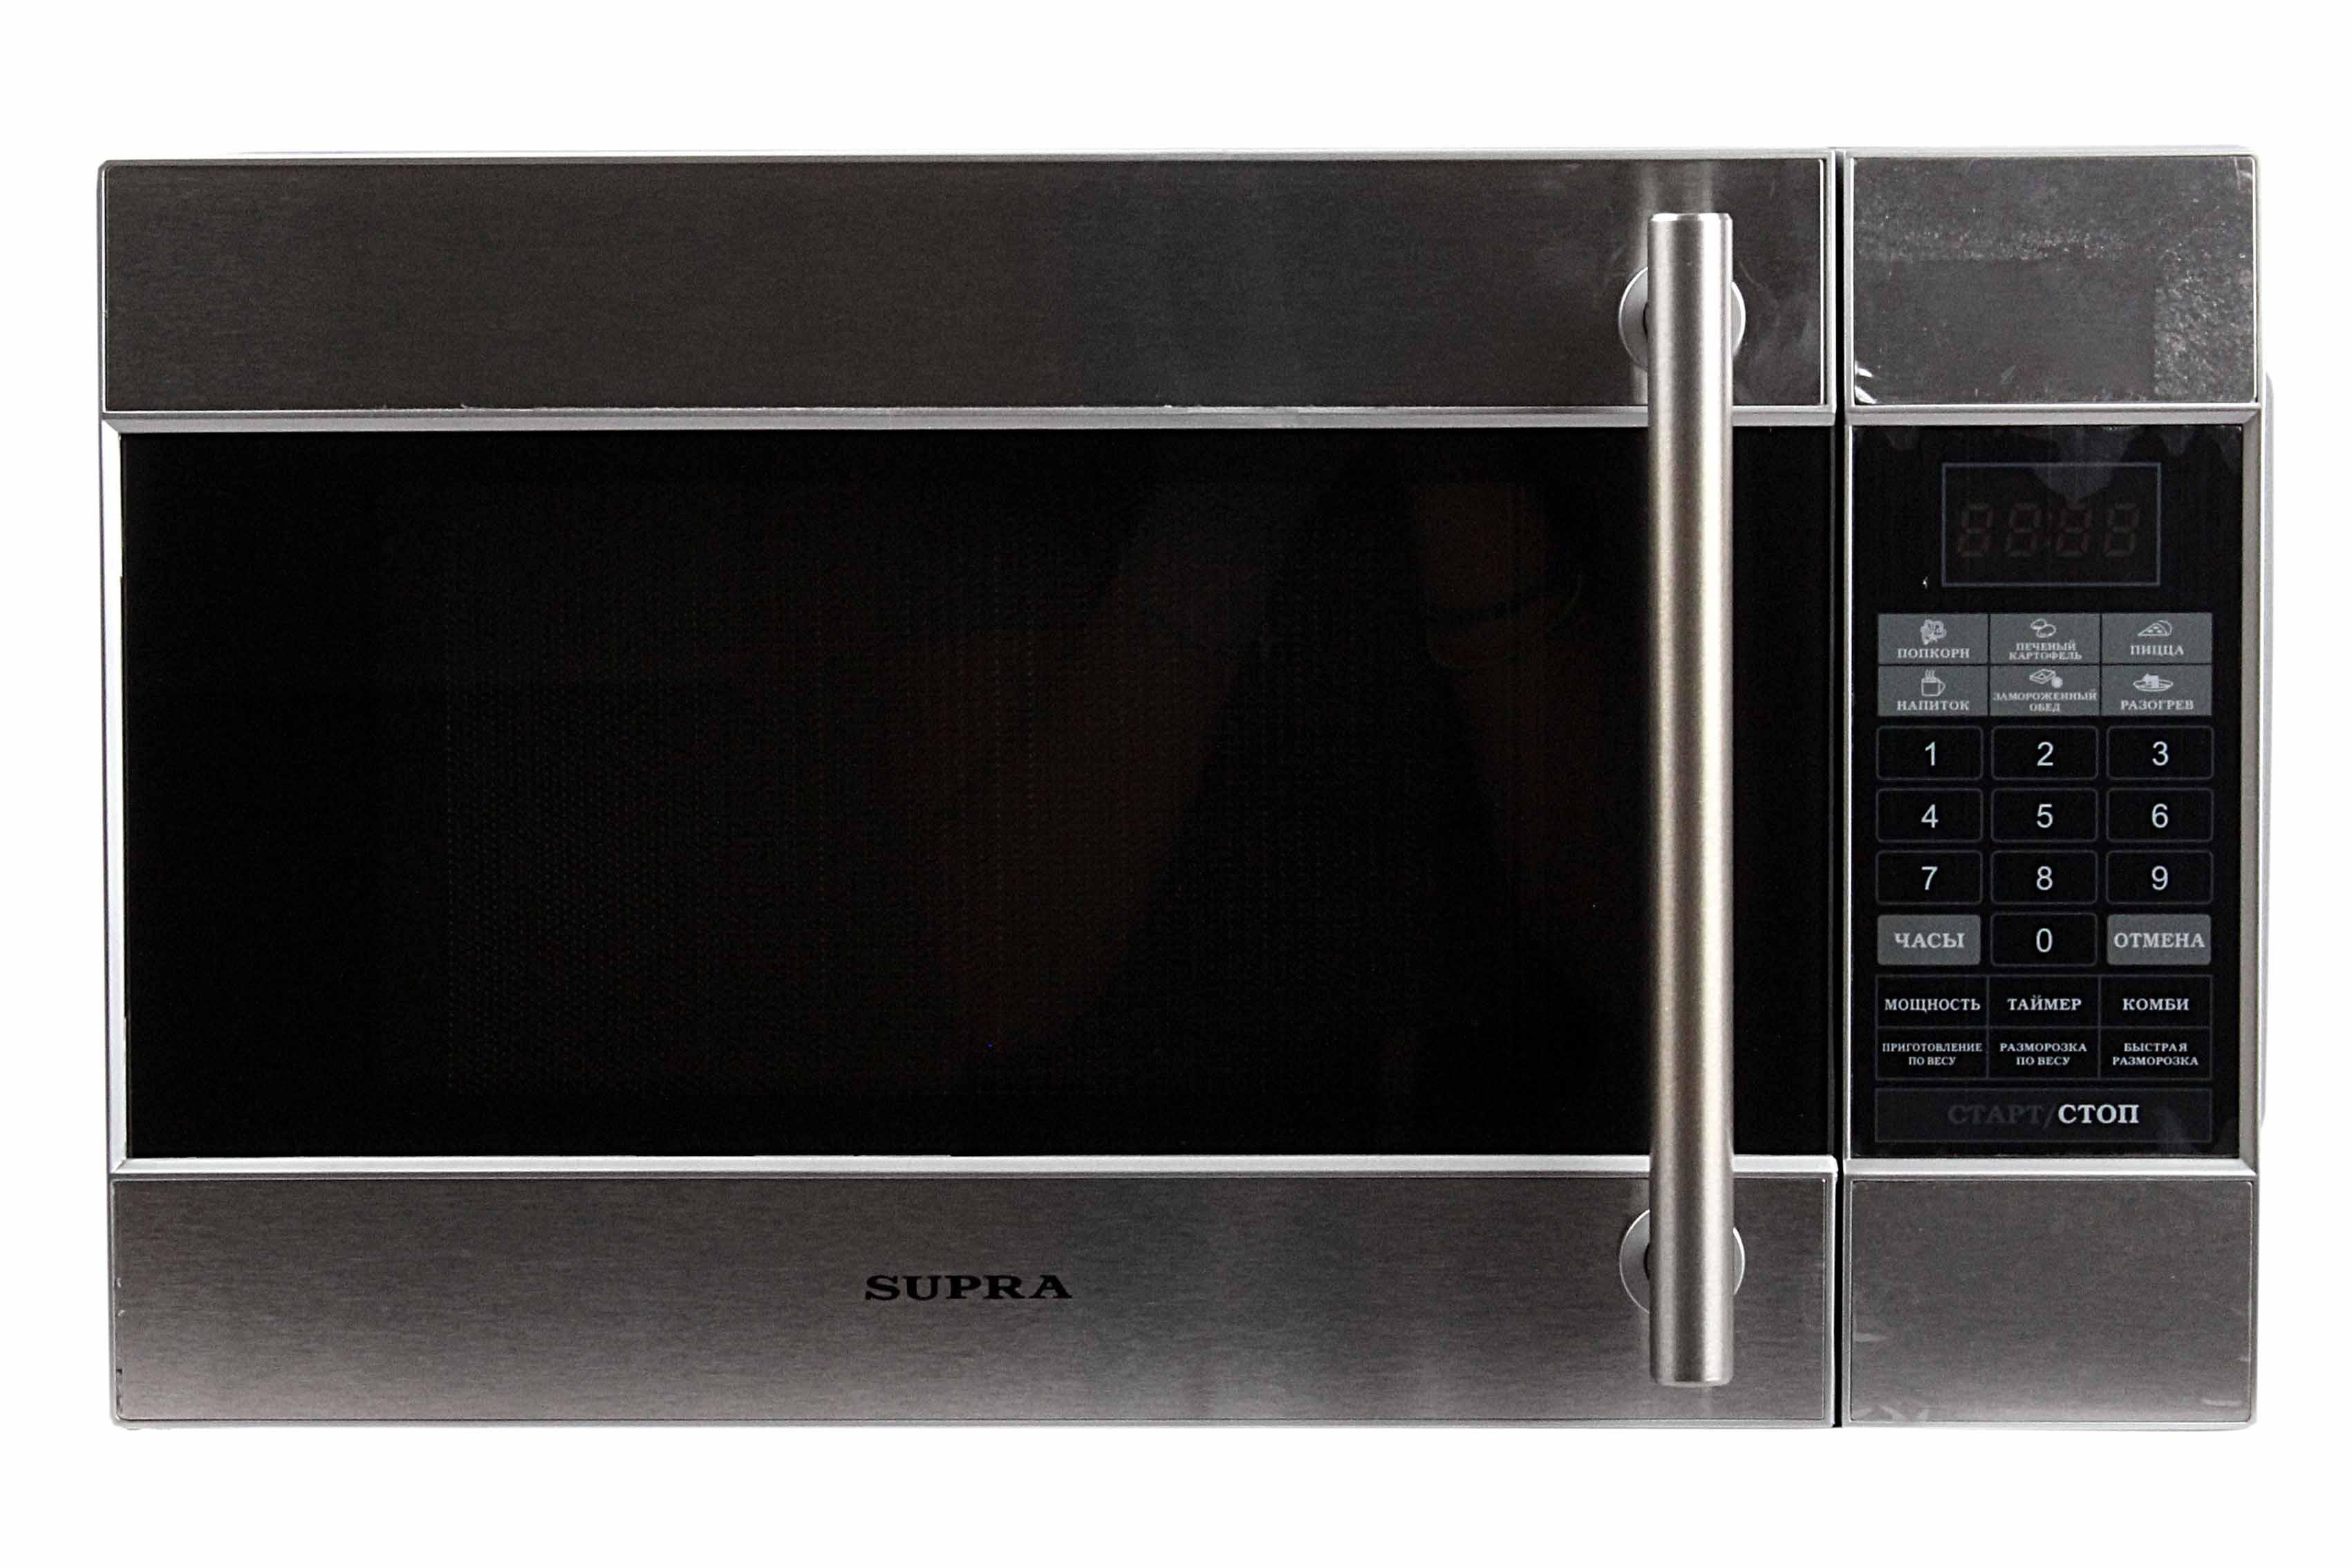 Микроволновая печь Supra от RBT.ru